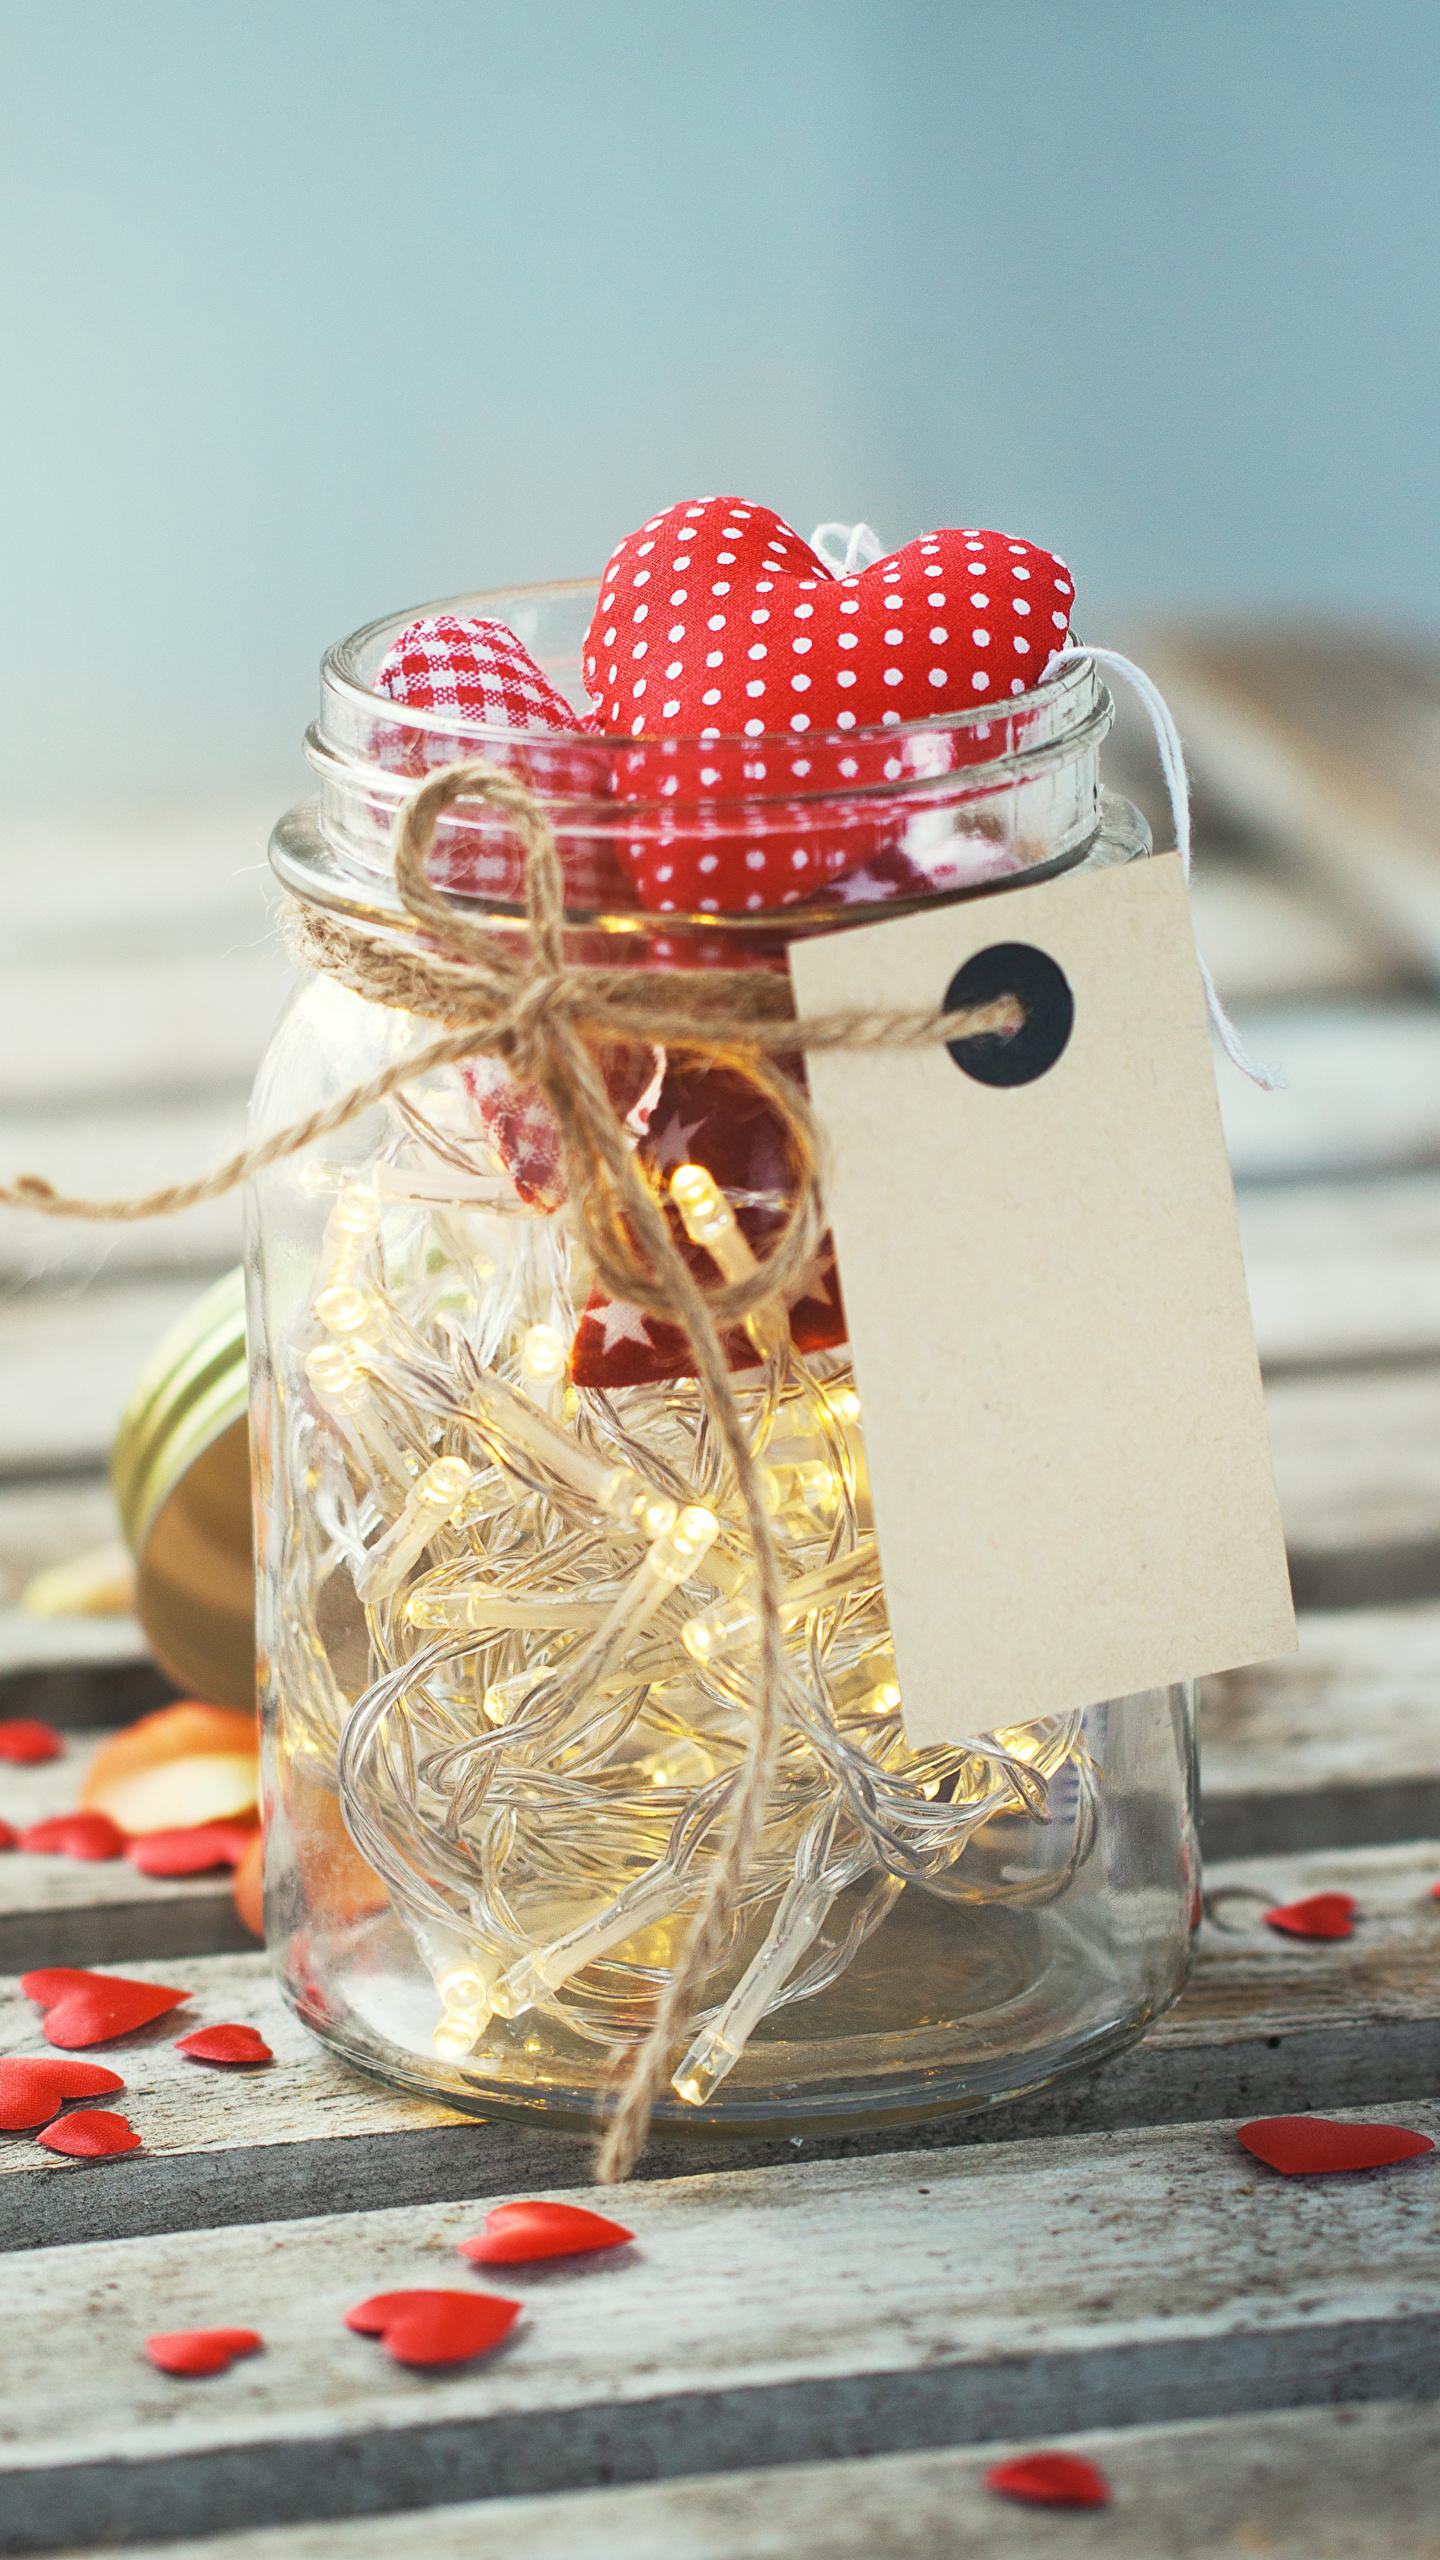 Картинка День всех влюблённых Сердце Банка 1440x2560 День святого Валентина сердечко